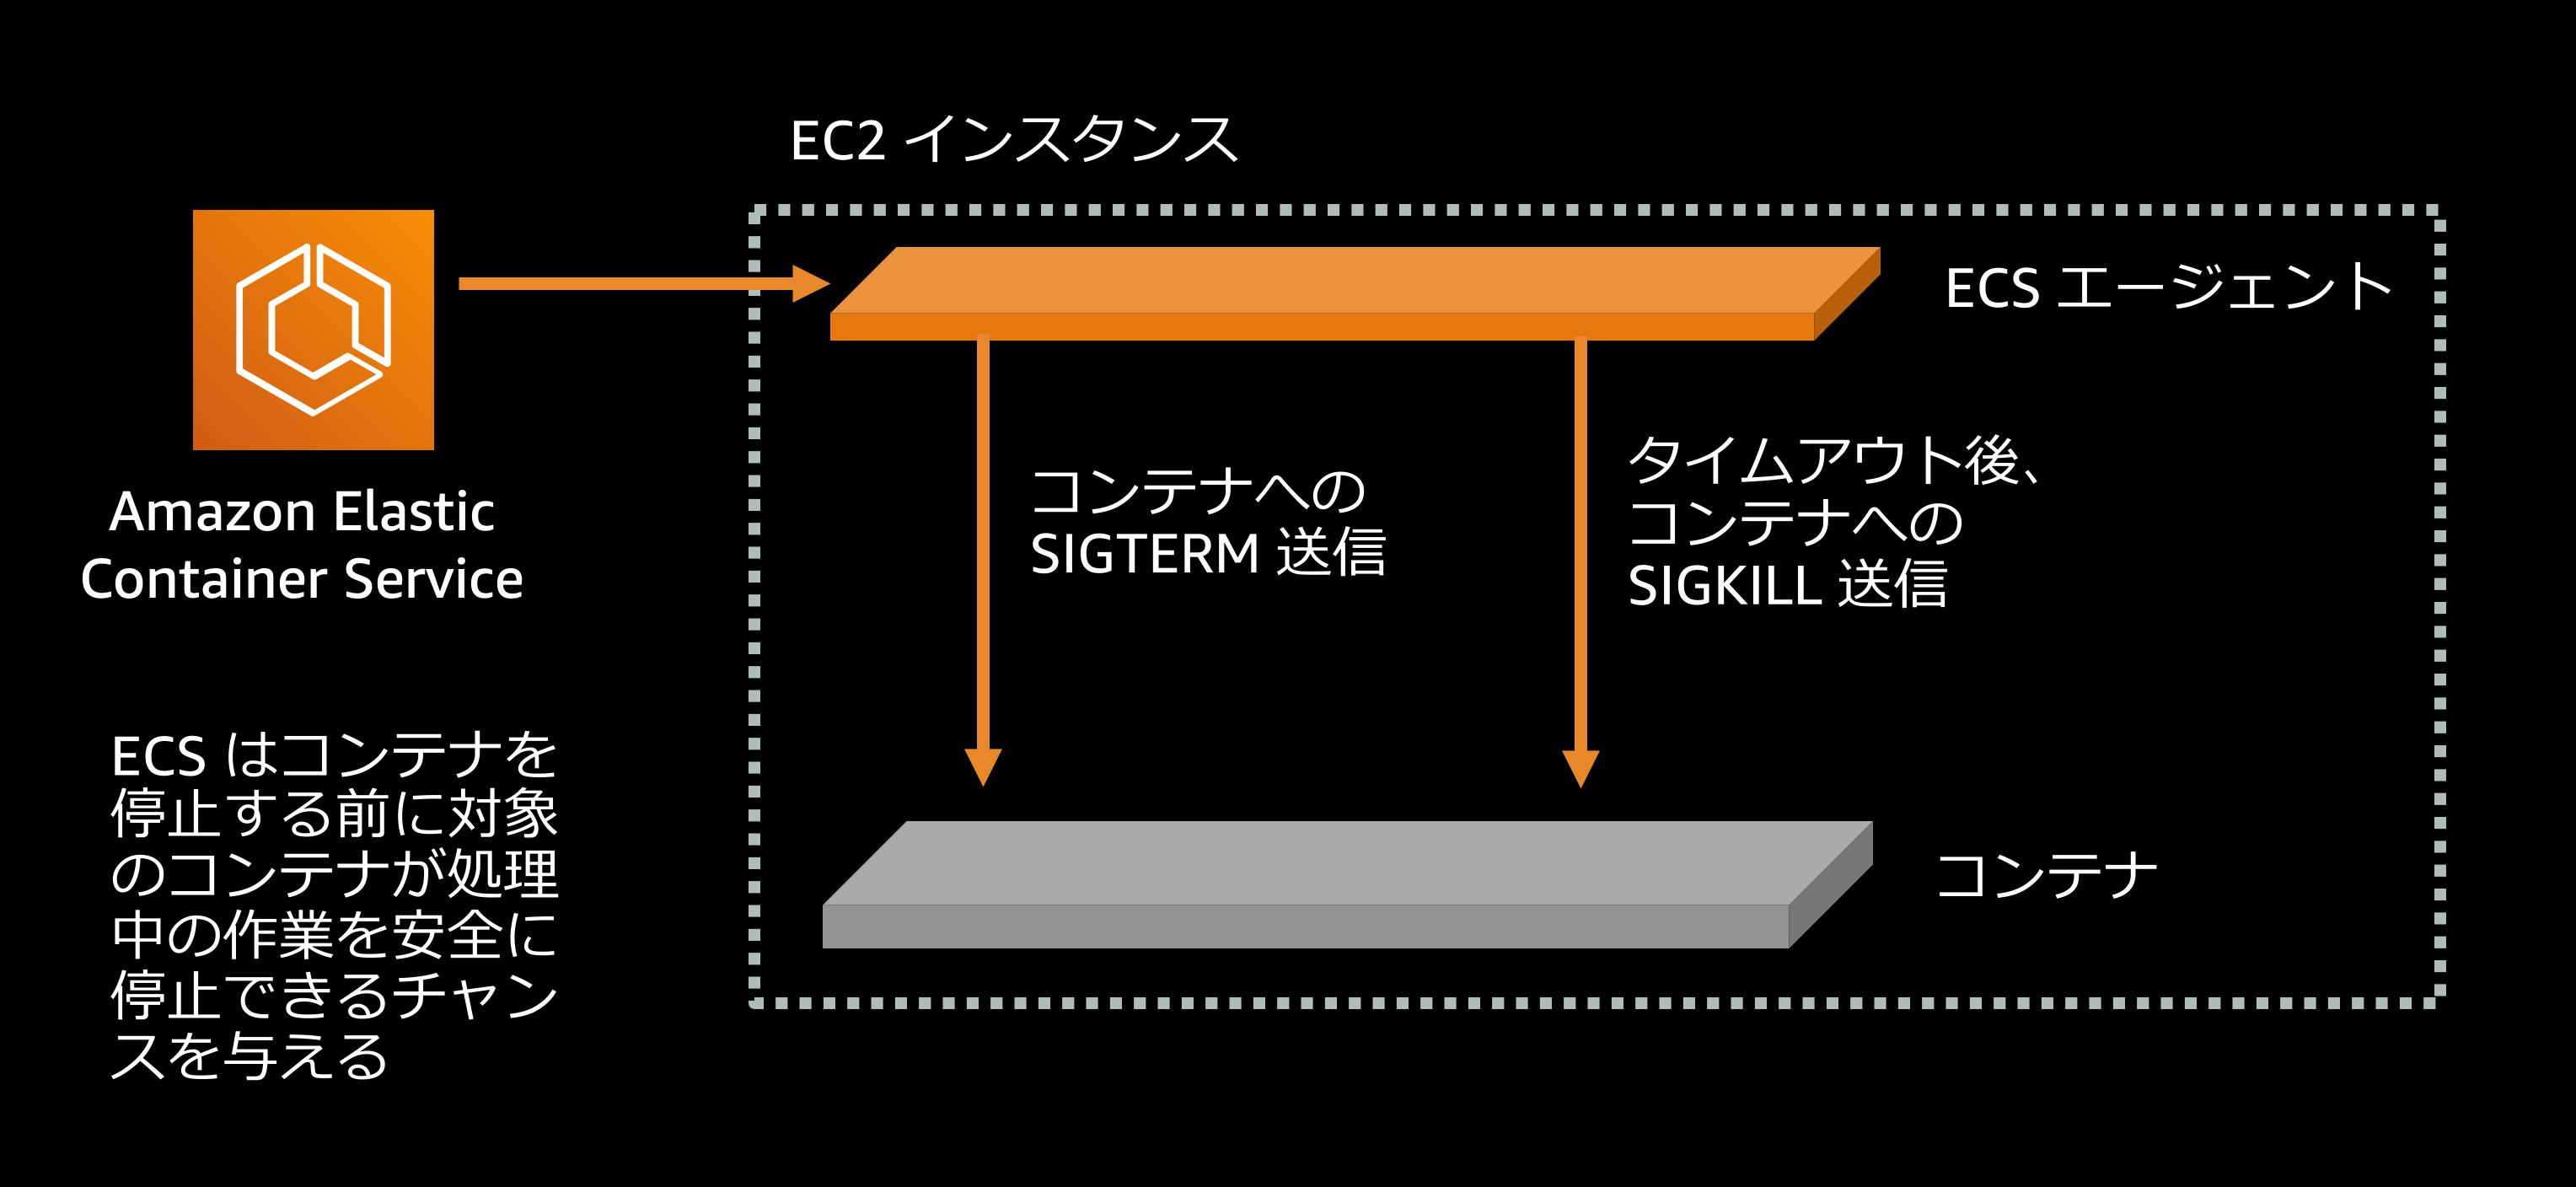 コンテナへの SIGTERM の送信から SIGKILL 送信まで